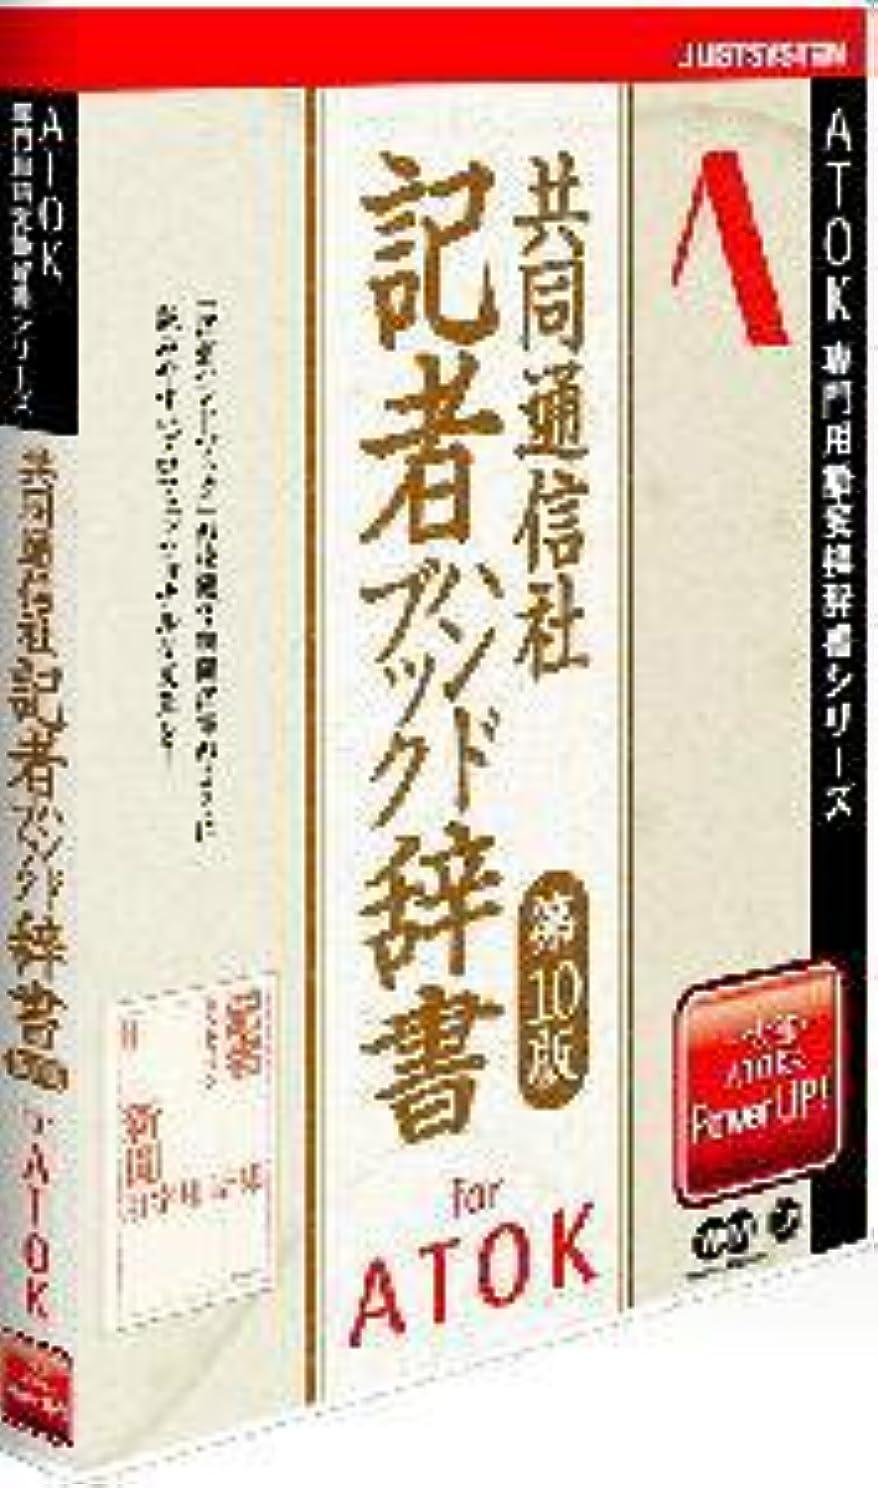 盲信販売員スリル共同通信社 記者ハンドブック辞書 第10版 for ATOK(NW2) CD-ROM